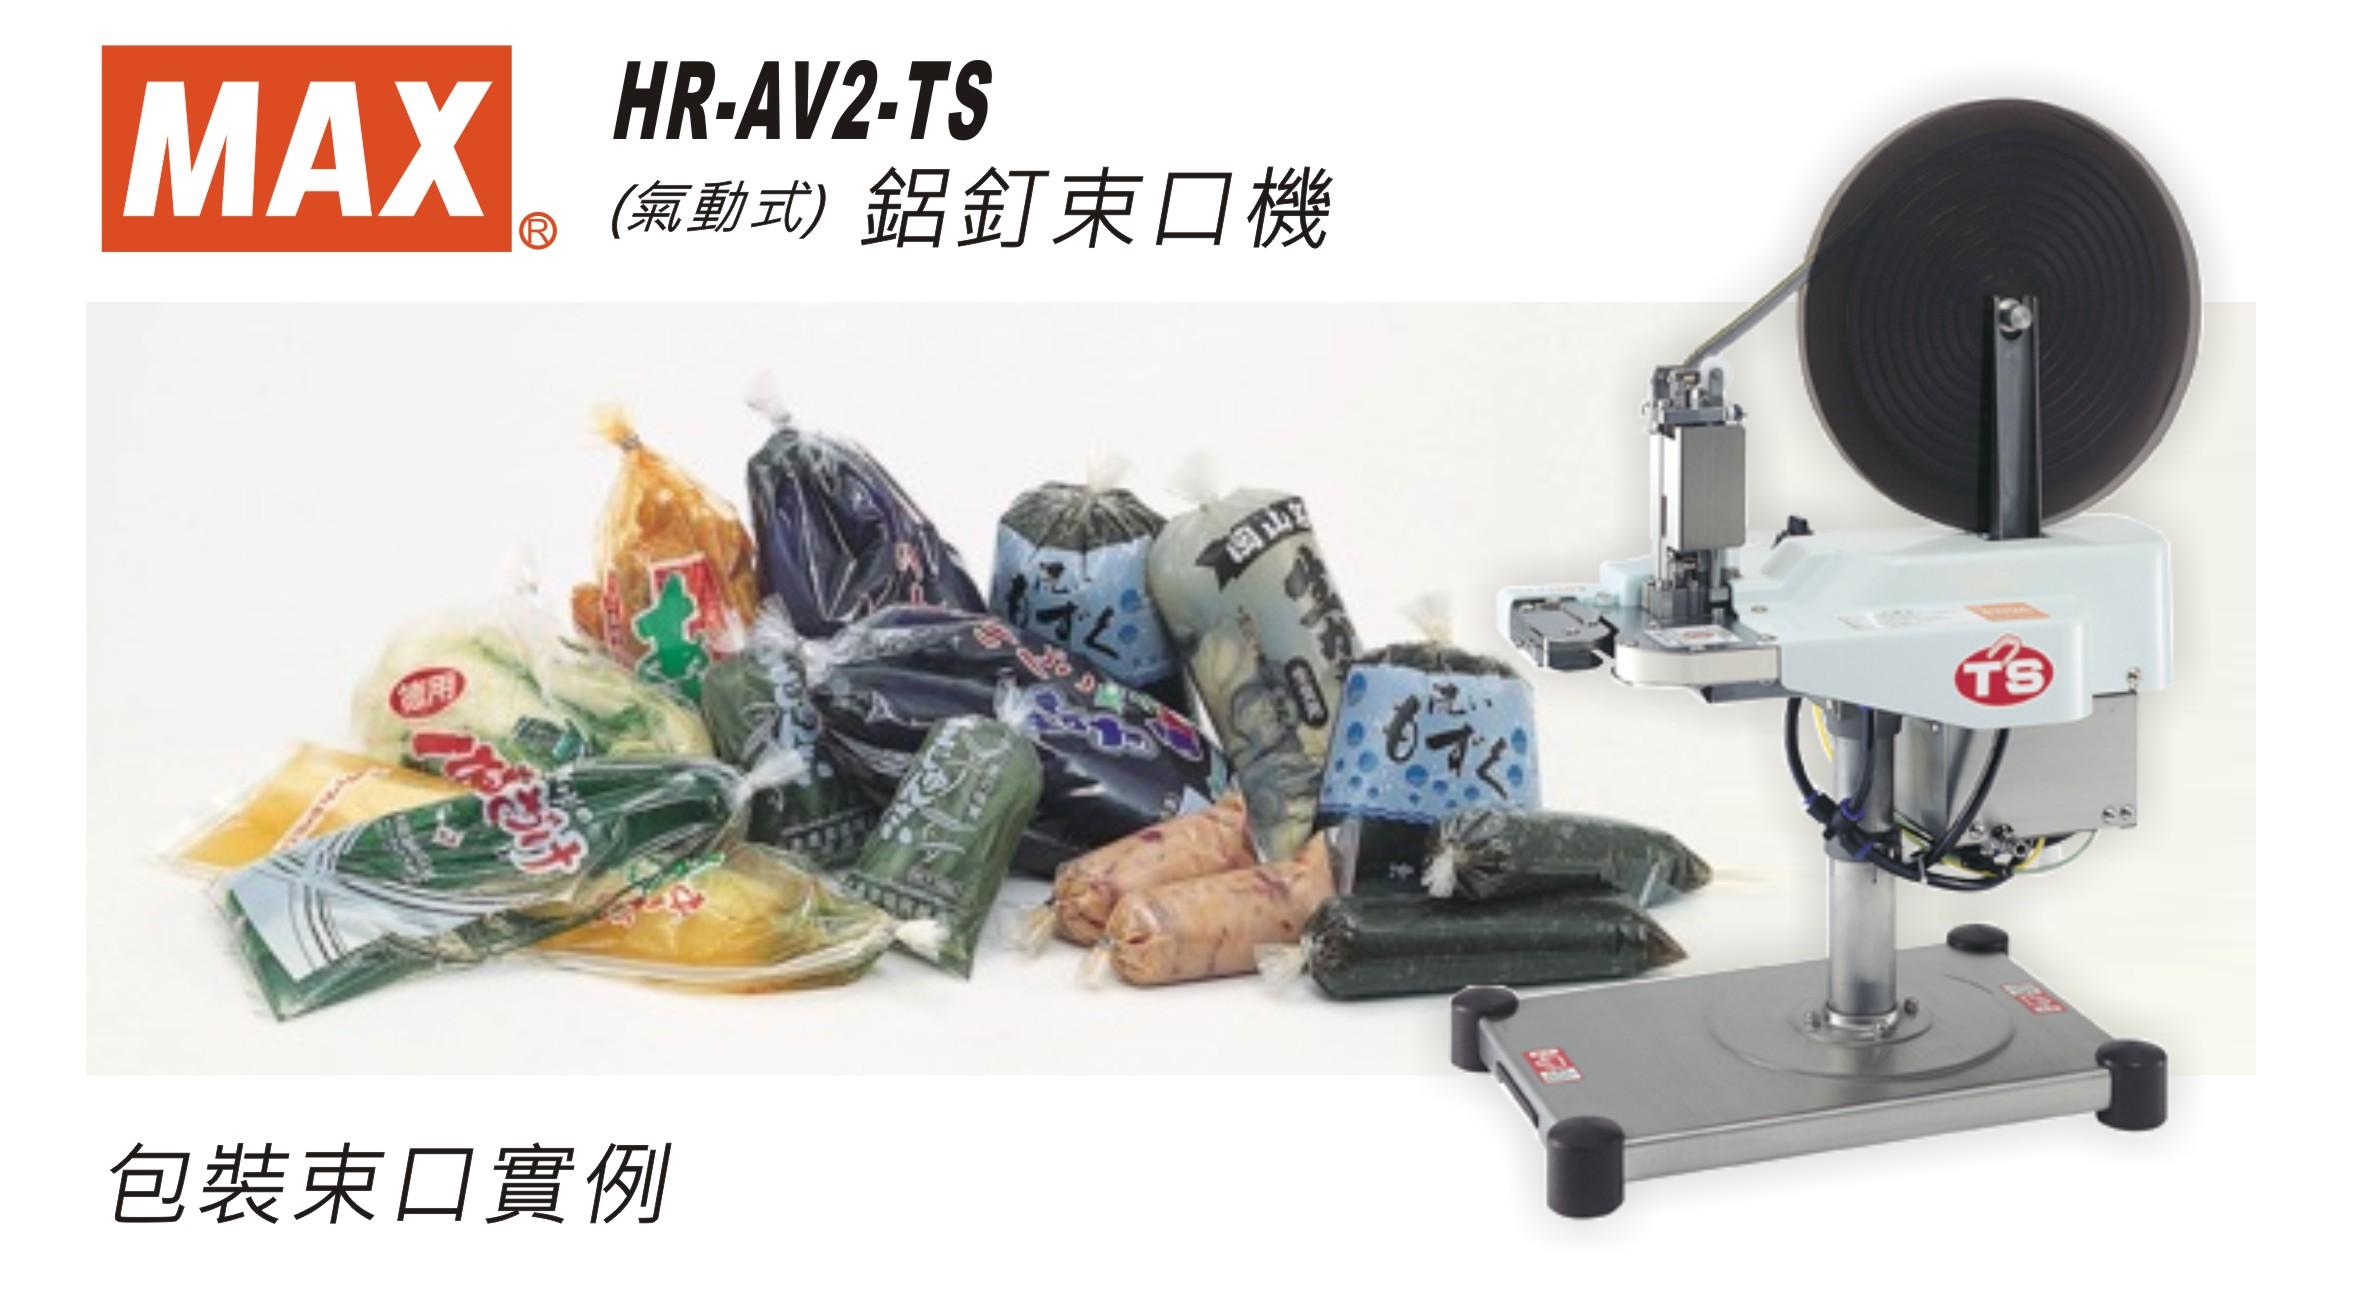 HR-AV2-TS-DM-1.JPG